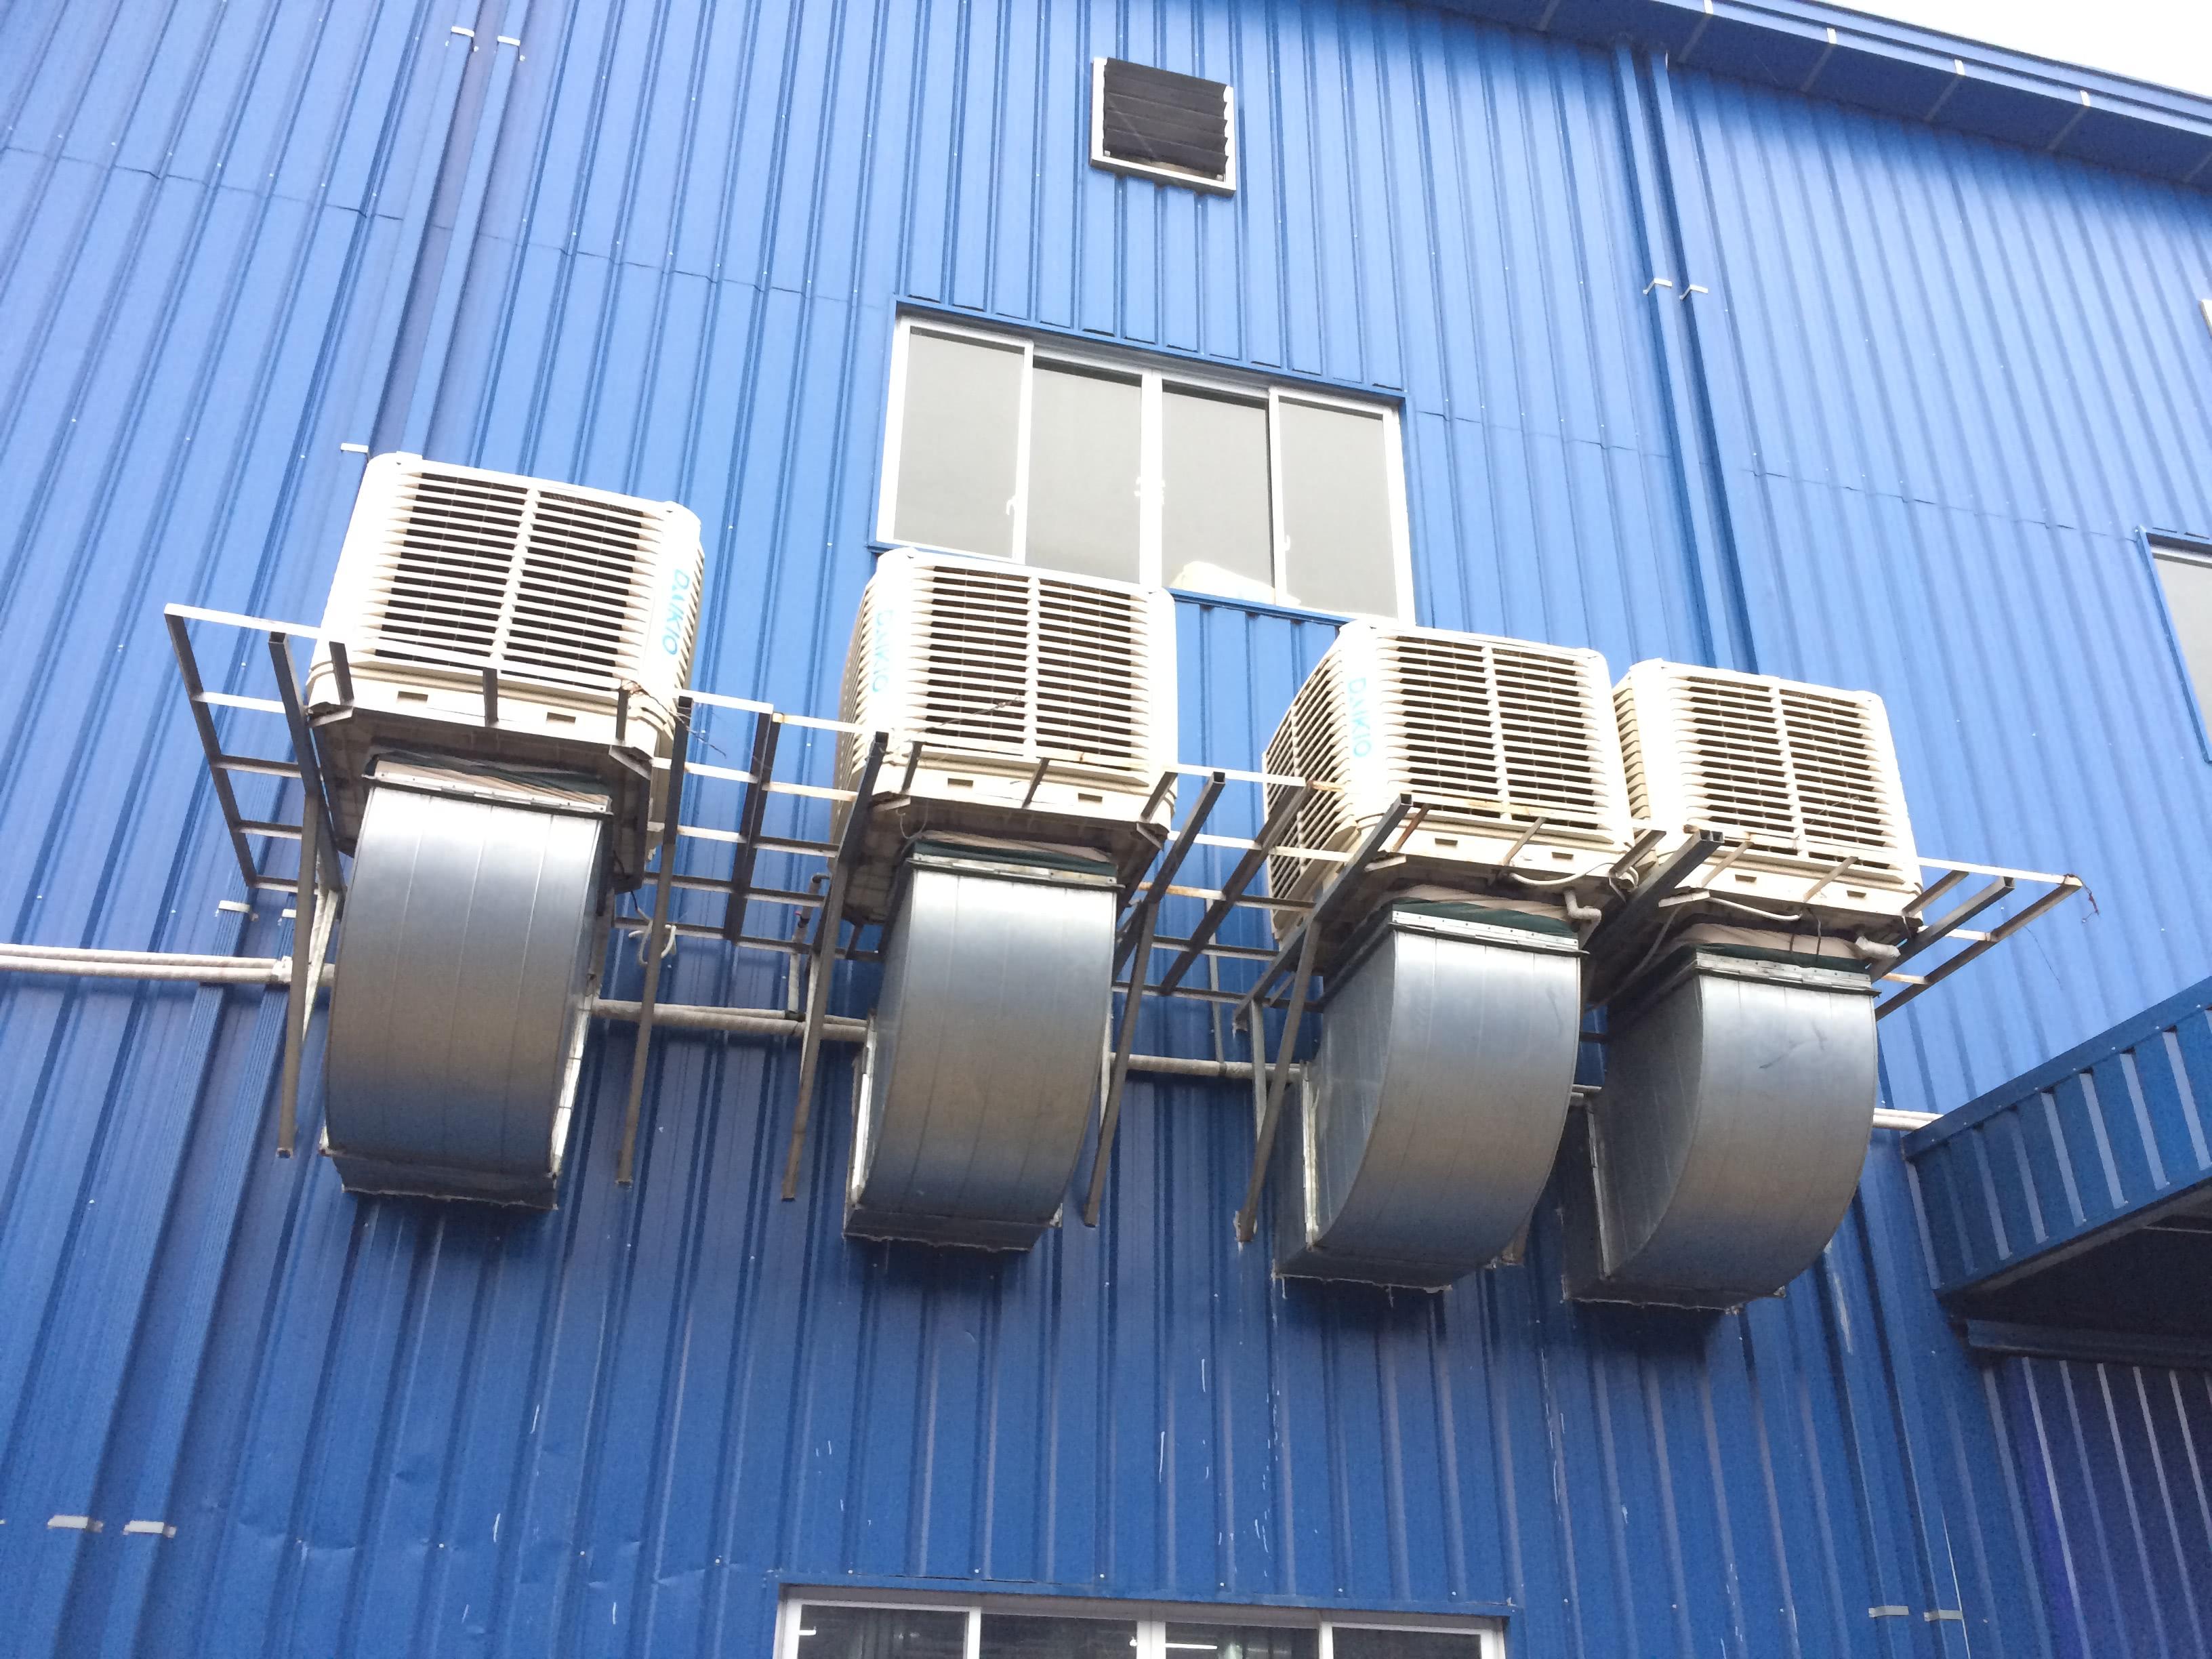 Máy làm mát nhà xưởng được Kaiyo Việt Nam lắp đặt